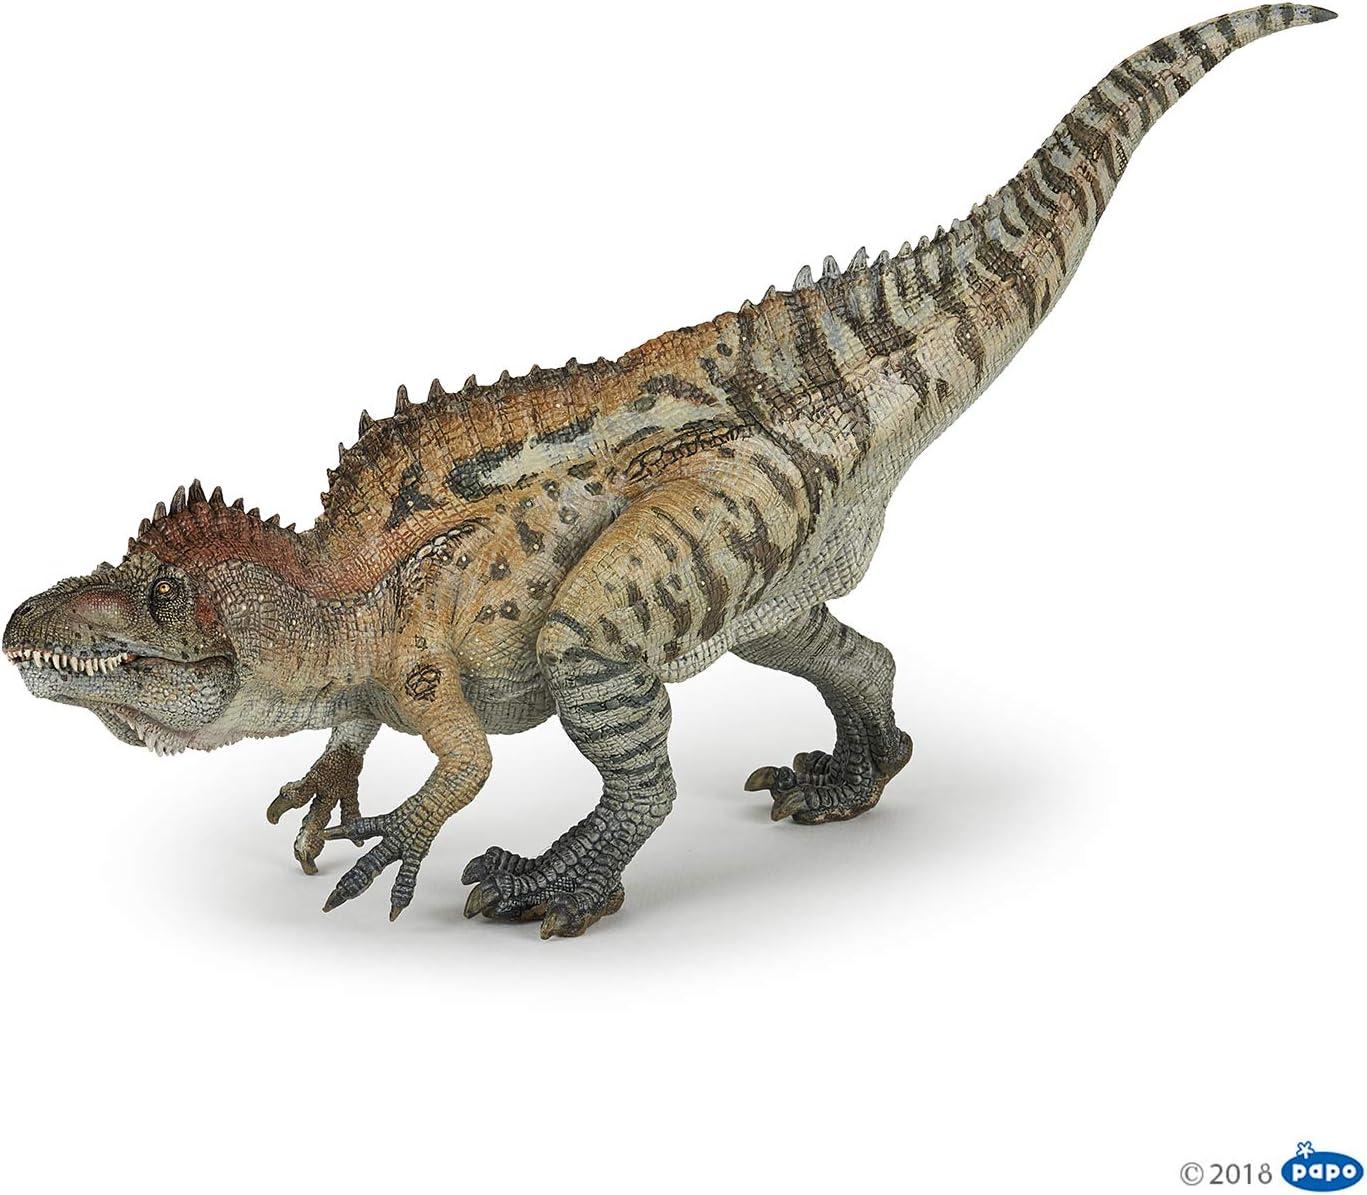 Papo Juego de Dinosaurios 80104, NC: Amazon.es: Juguetes y juegos